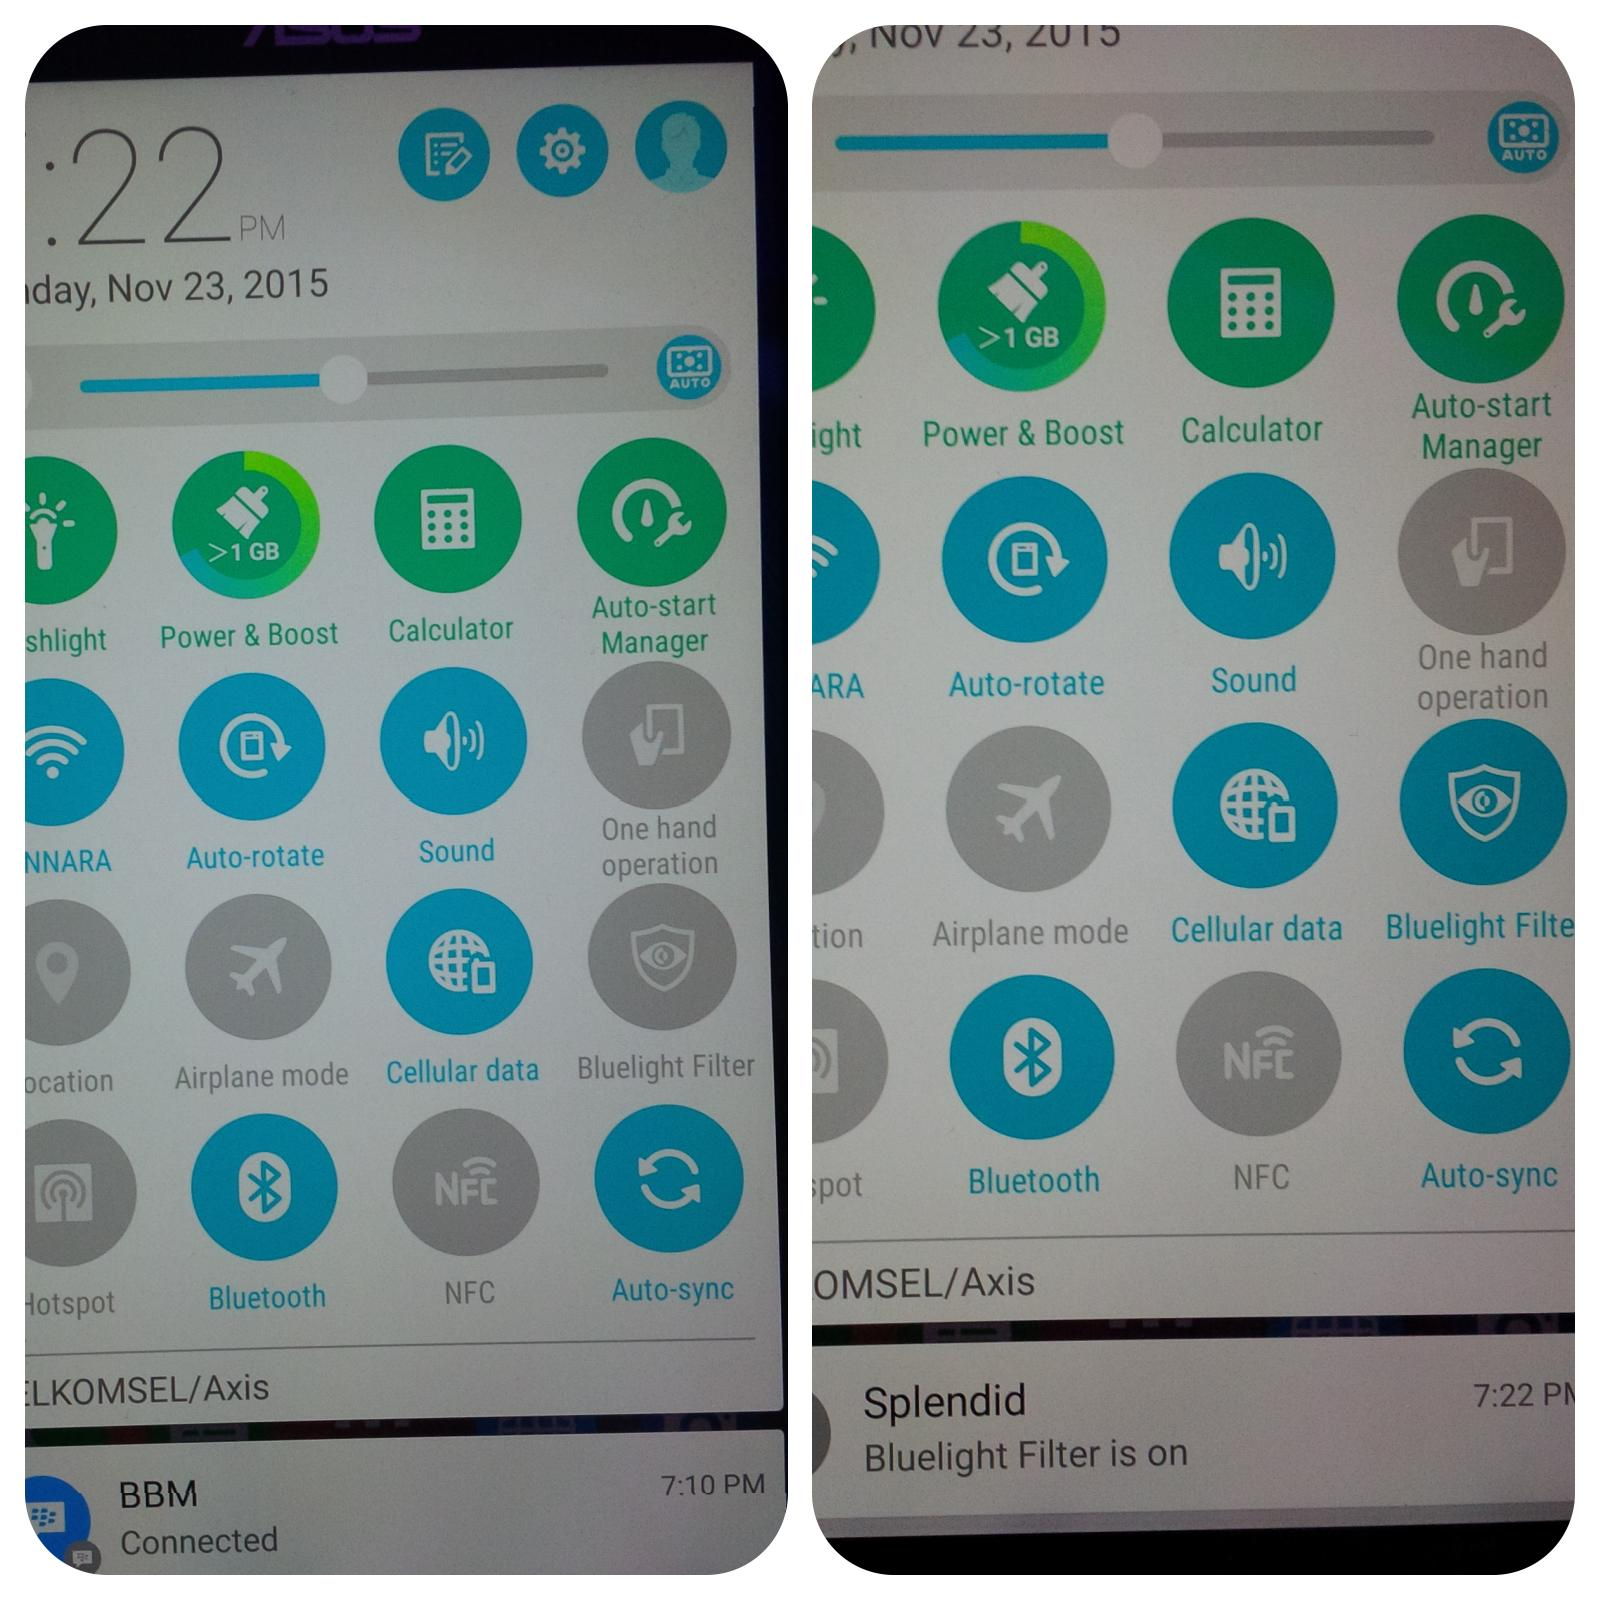 Perbedaan penggunaan Bluelight Filter pada Asus Zenfone 2 Laser